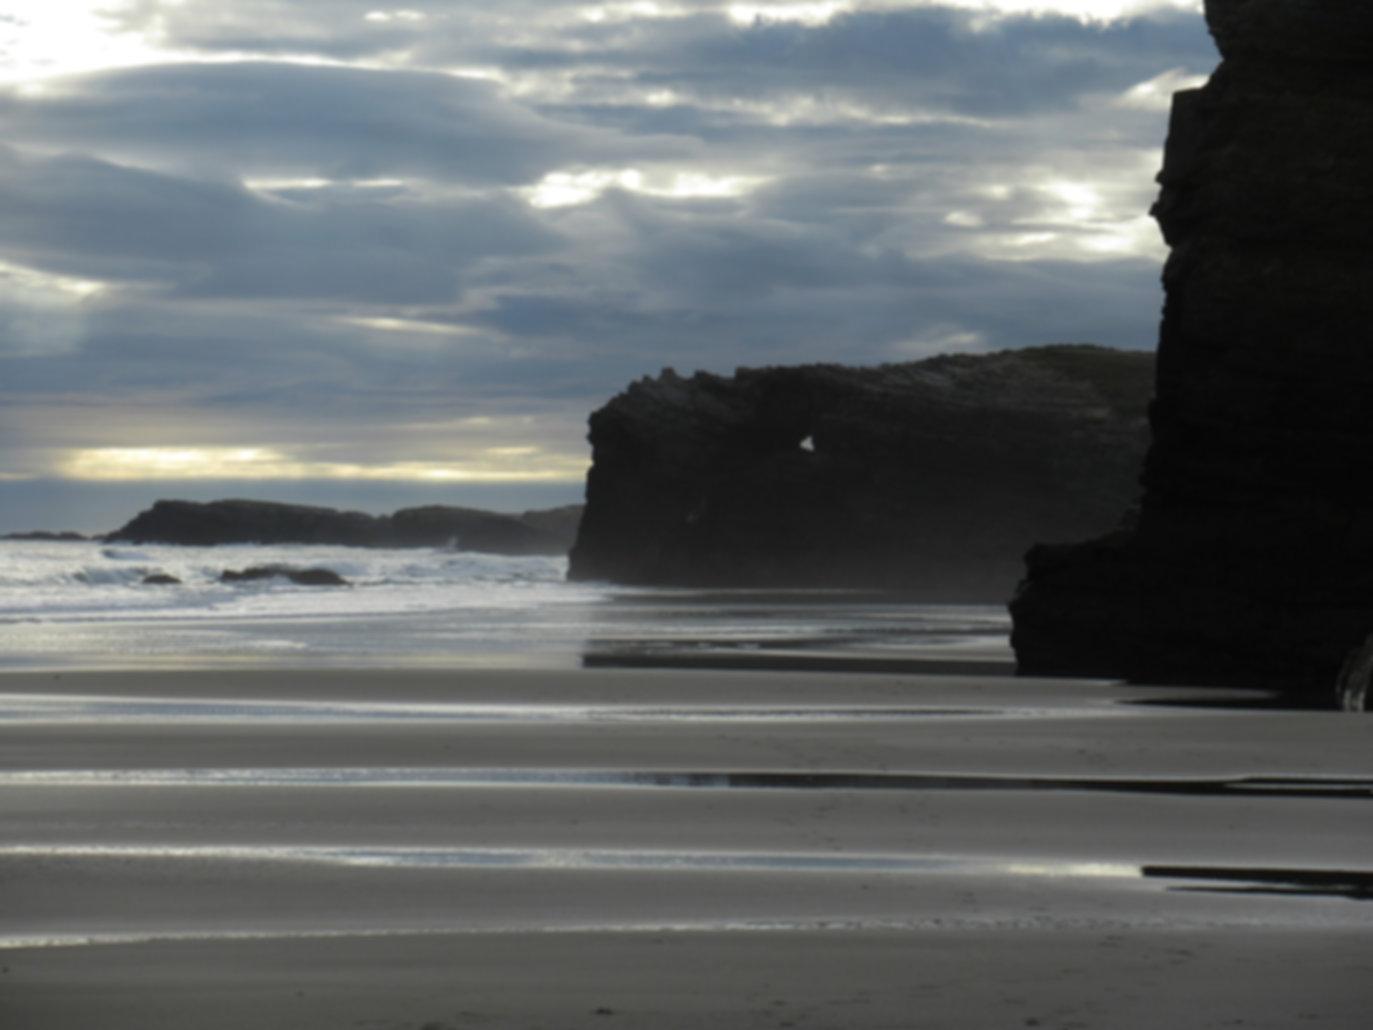 playa-catedrales-2672882_1920.jpg